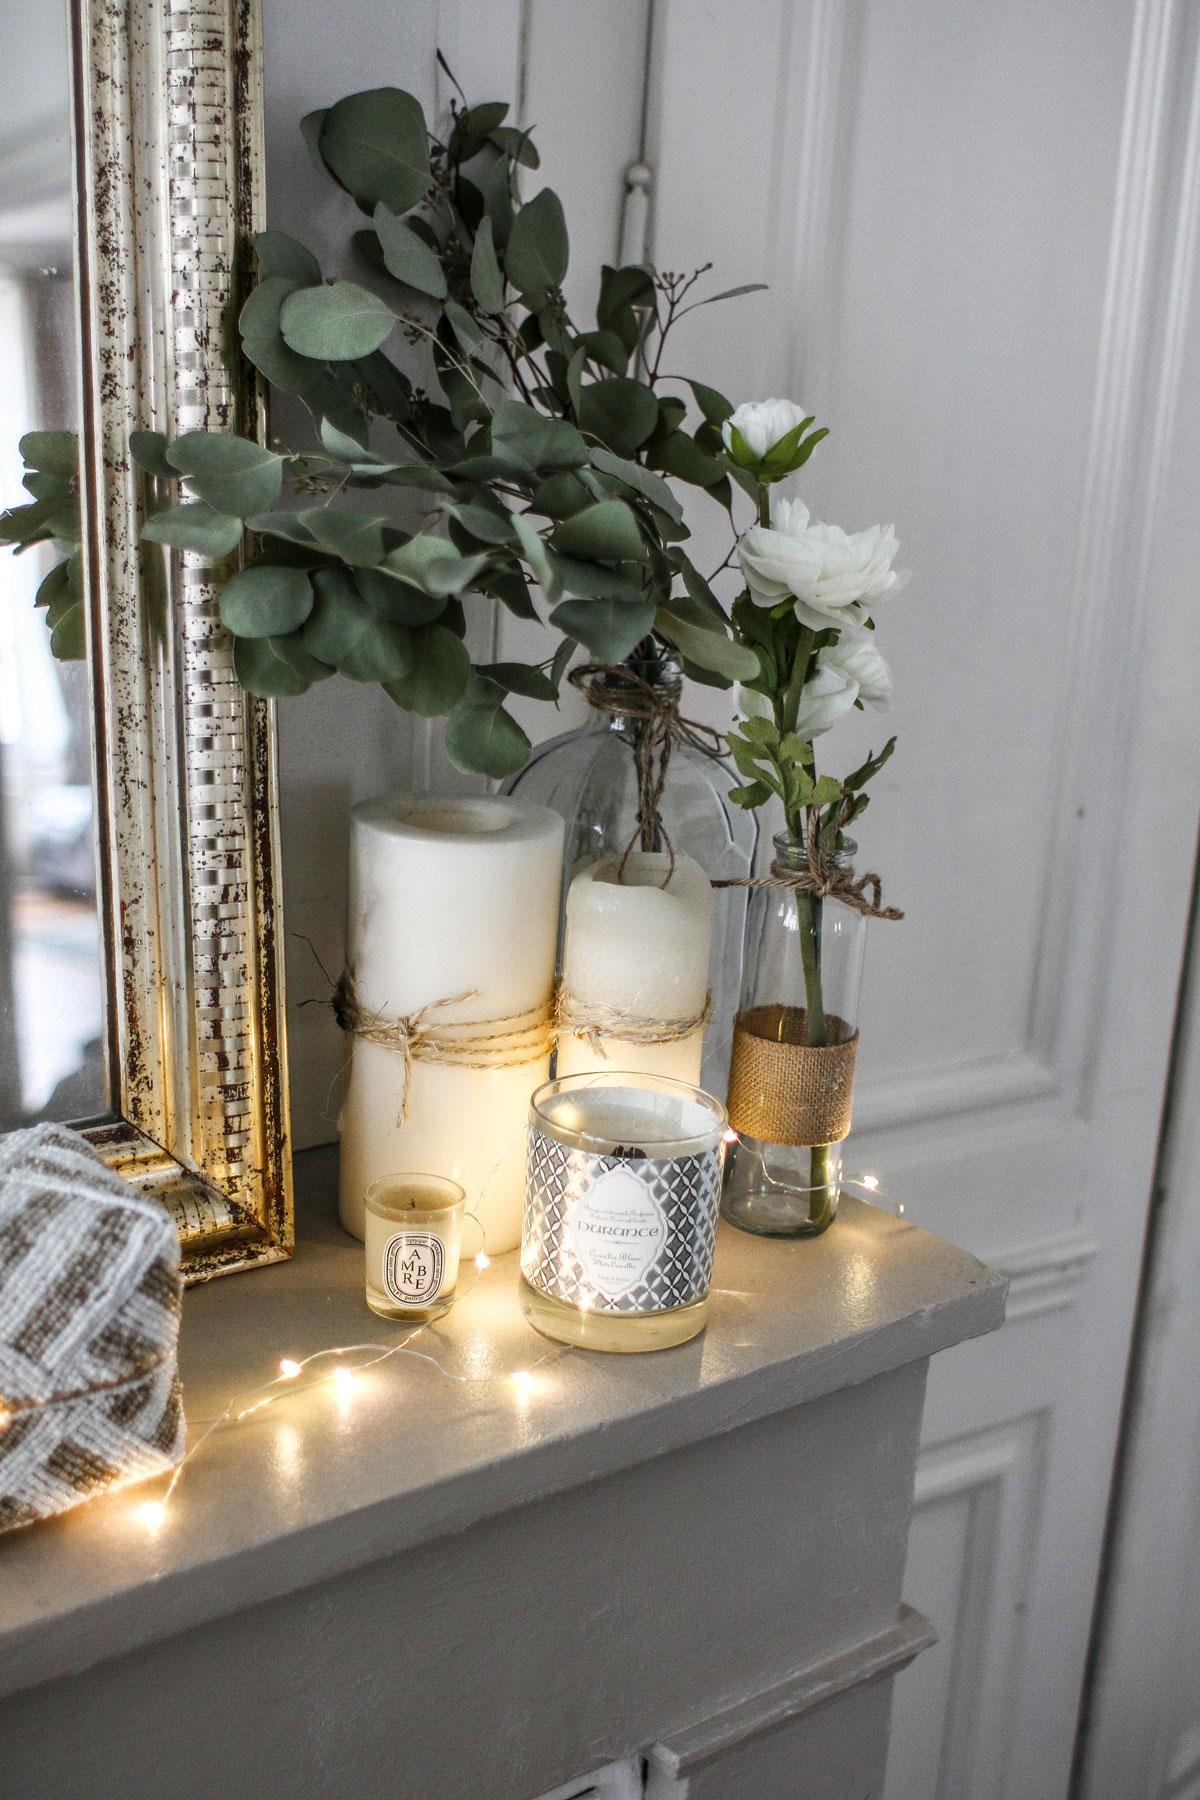 Miroir Maison Du Monde Industriel dÉco #1 - chambre/salon - marie and mood - blog lifestyle